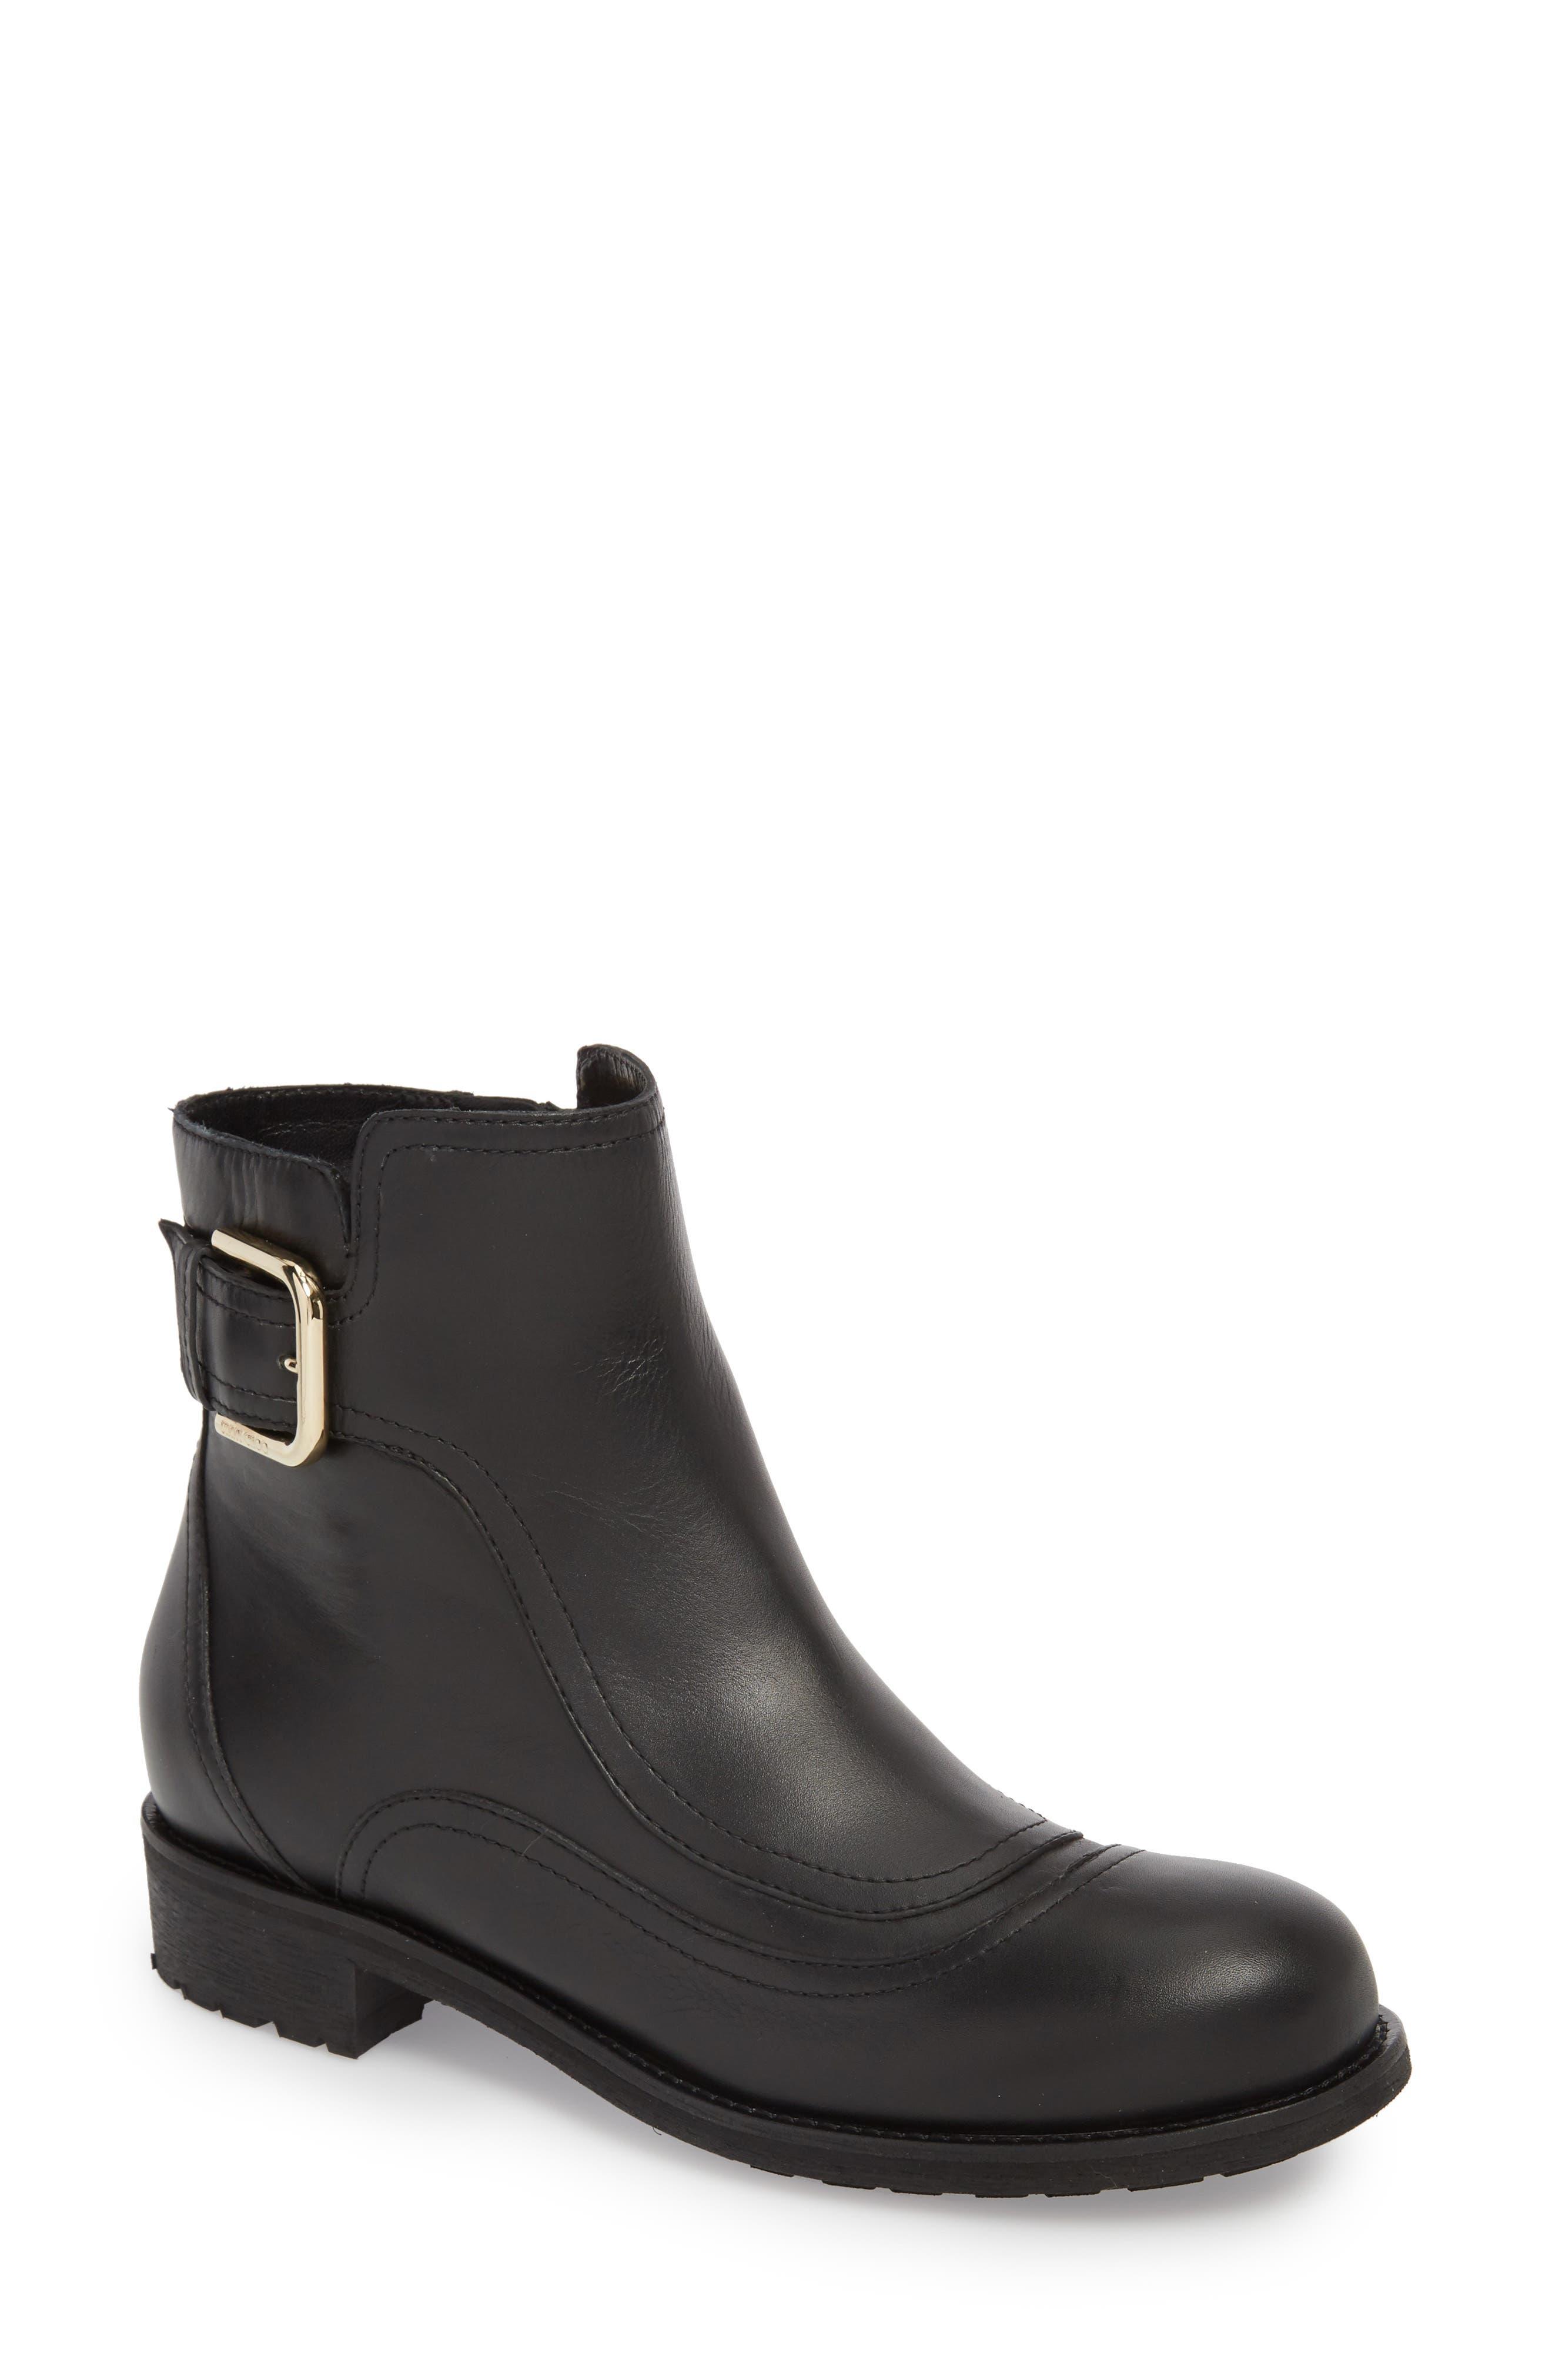 Jimmy Choo Brylee Buckle Boot - Black